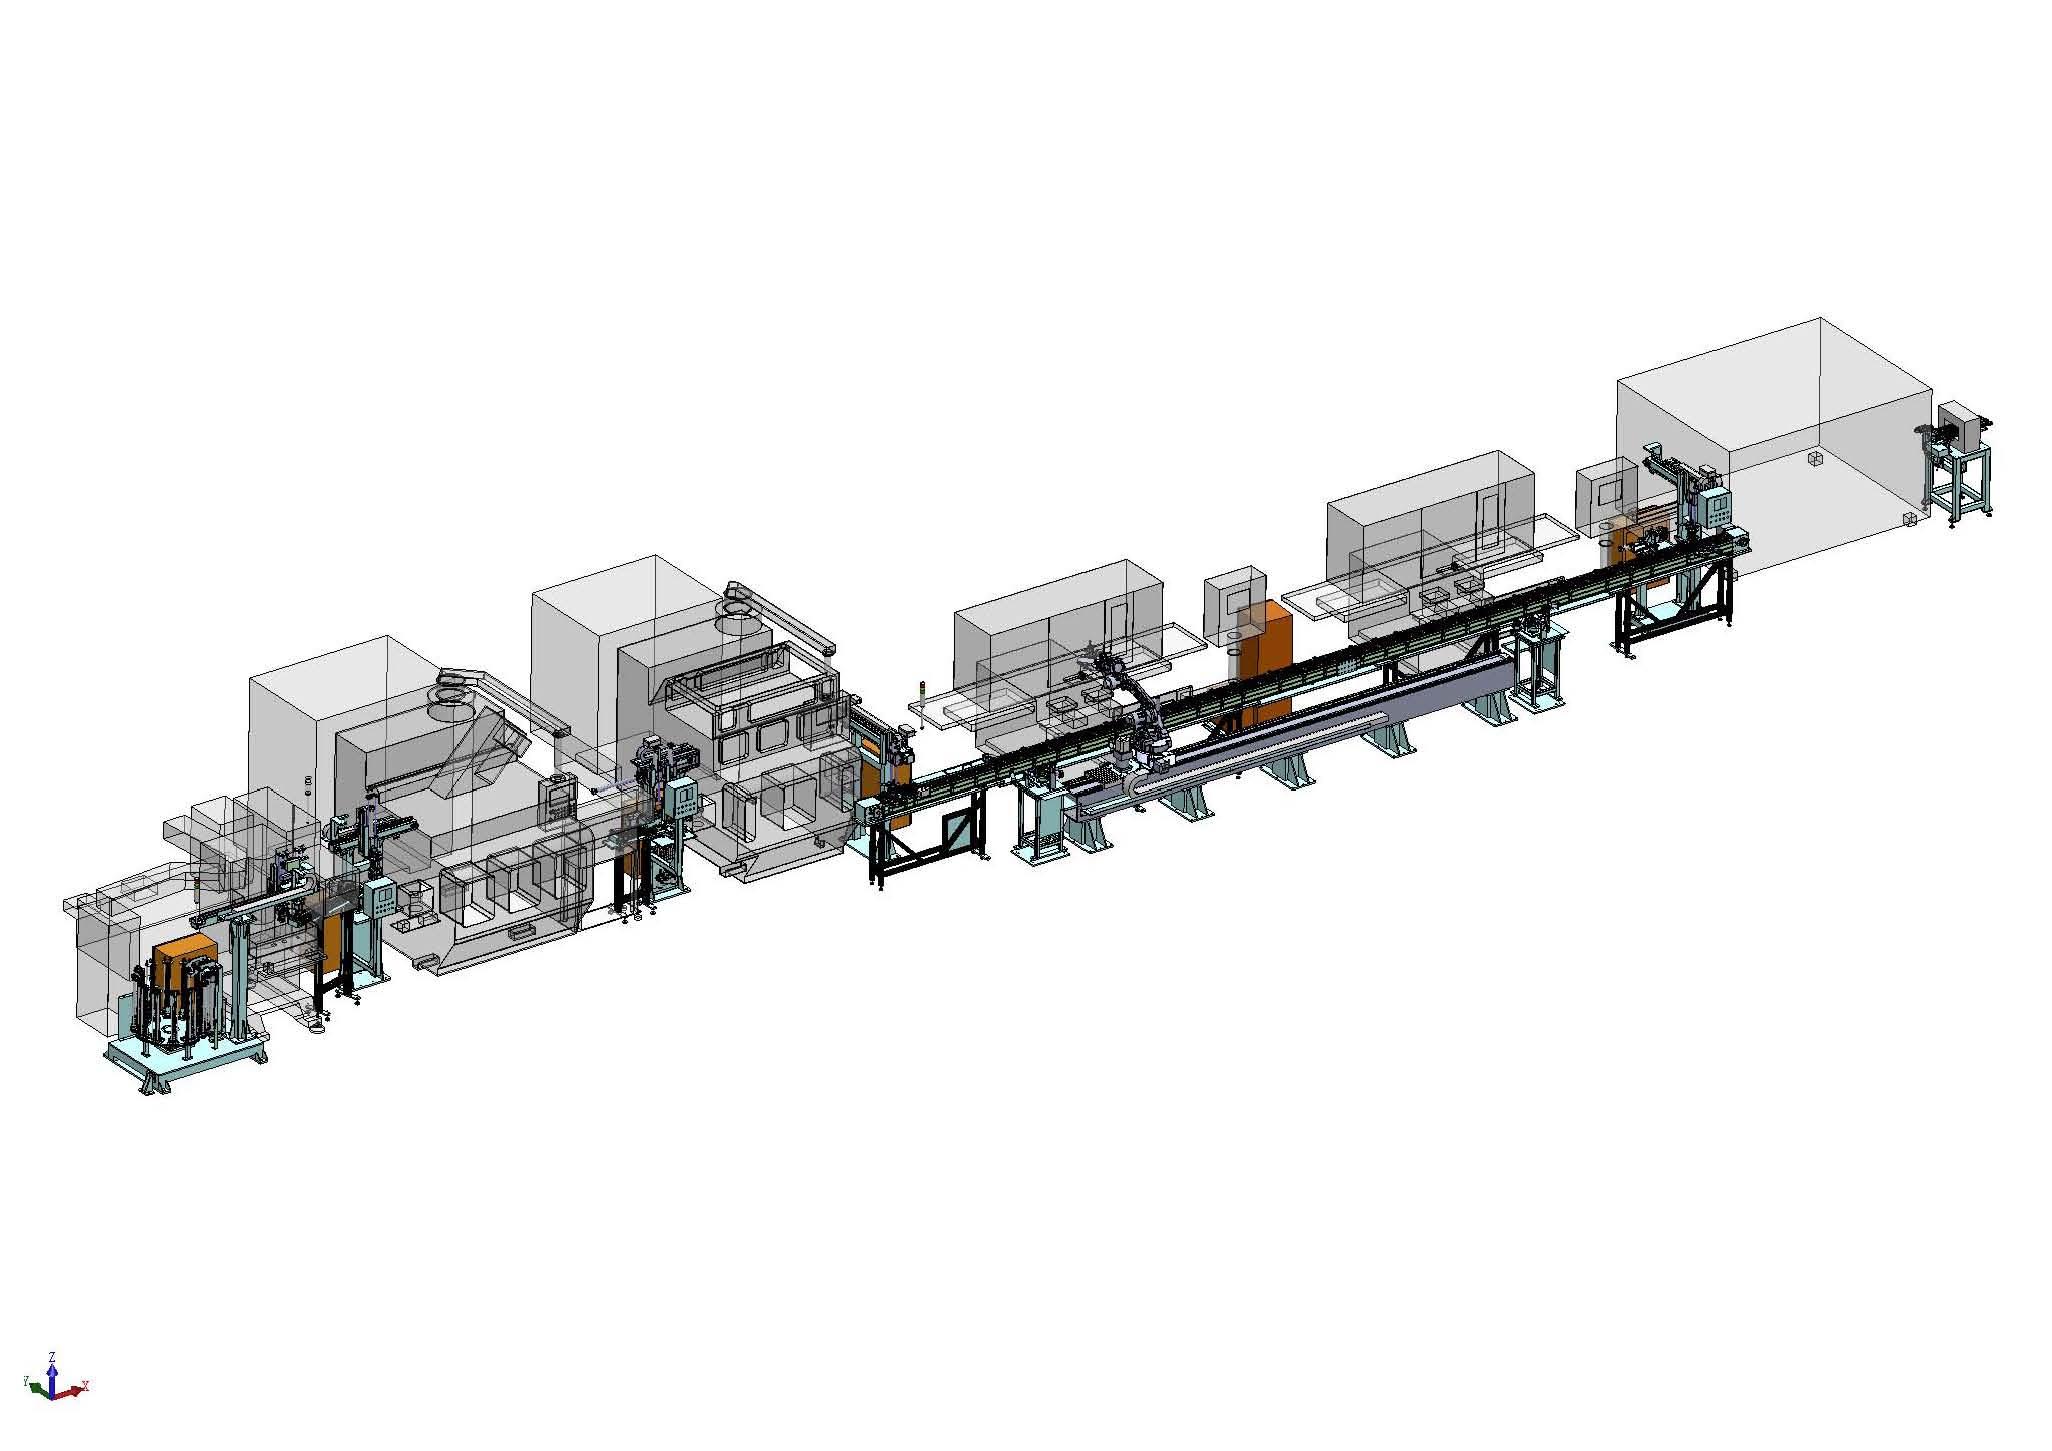 自动化生产线 机器人自动装配线 非标自动化设备